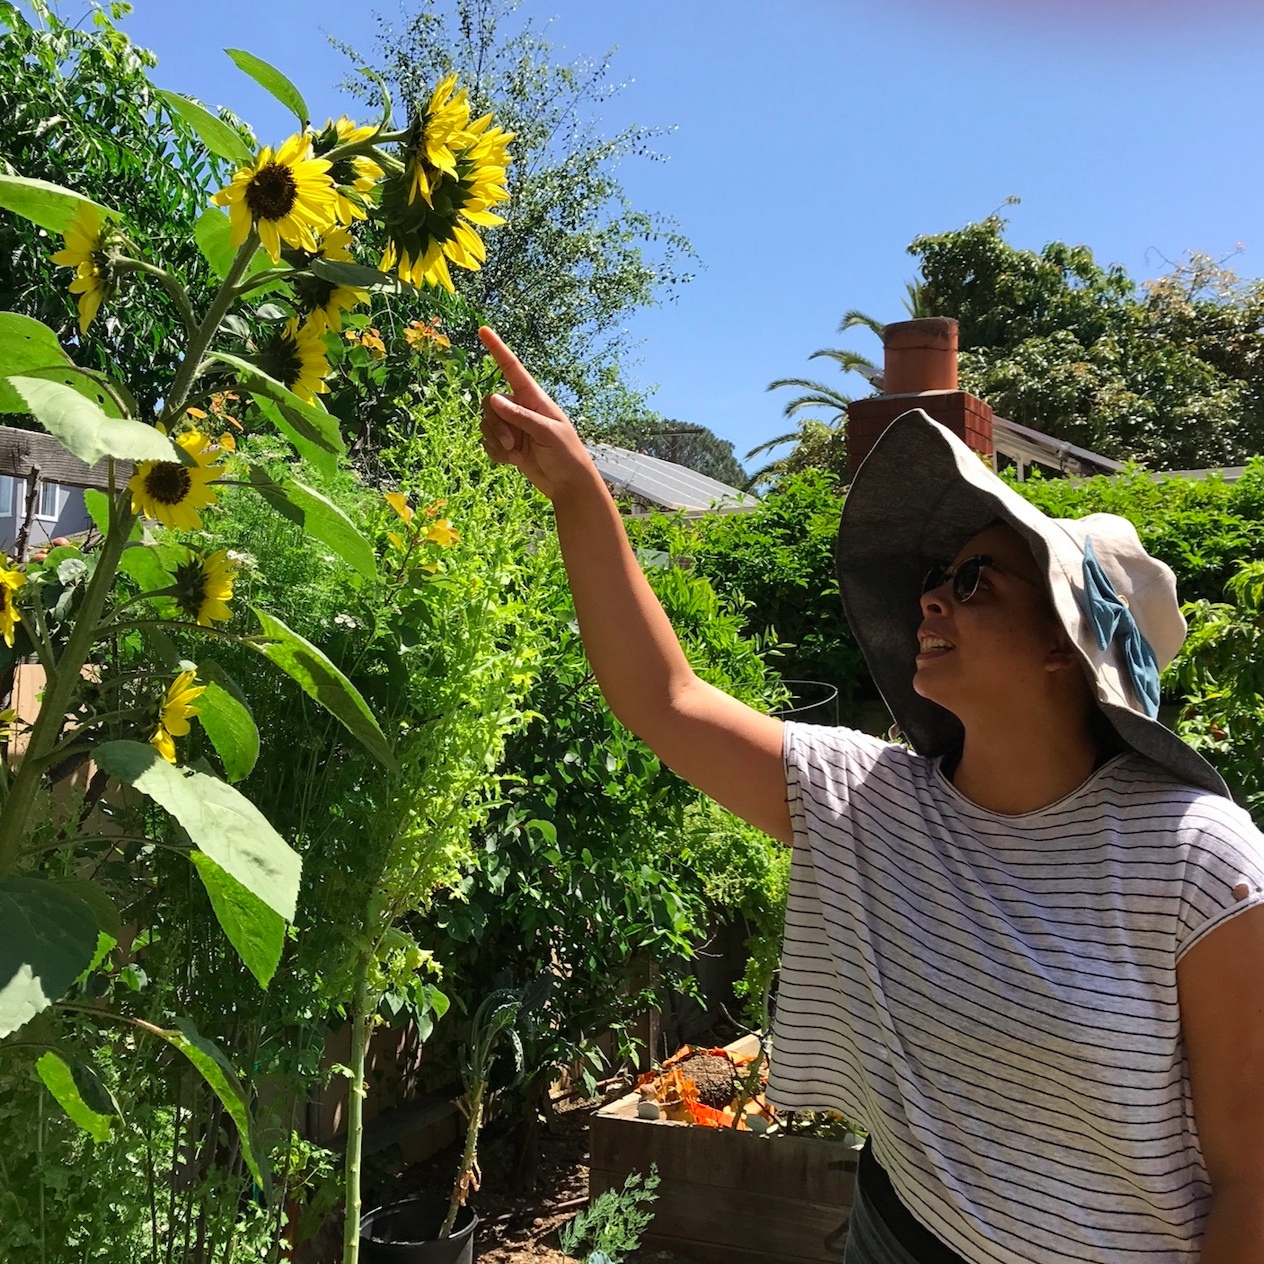 Jalitza+and+Sunflower.jpg